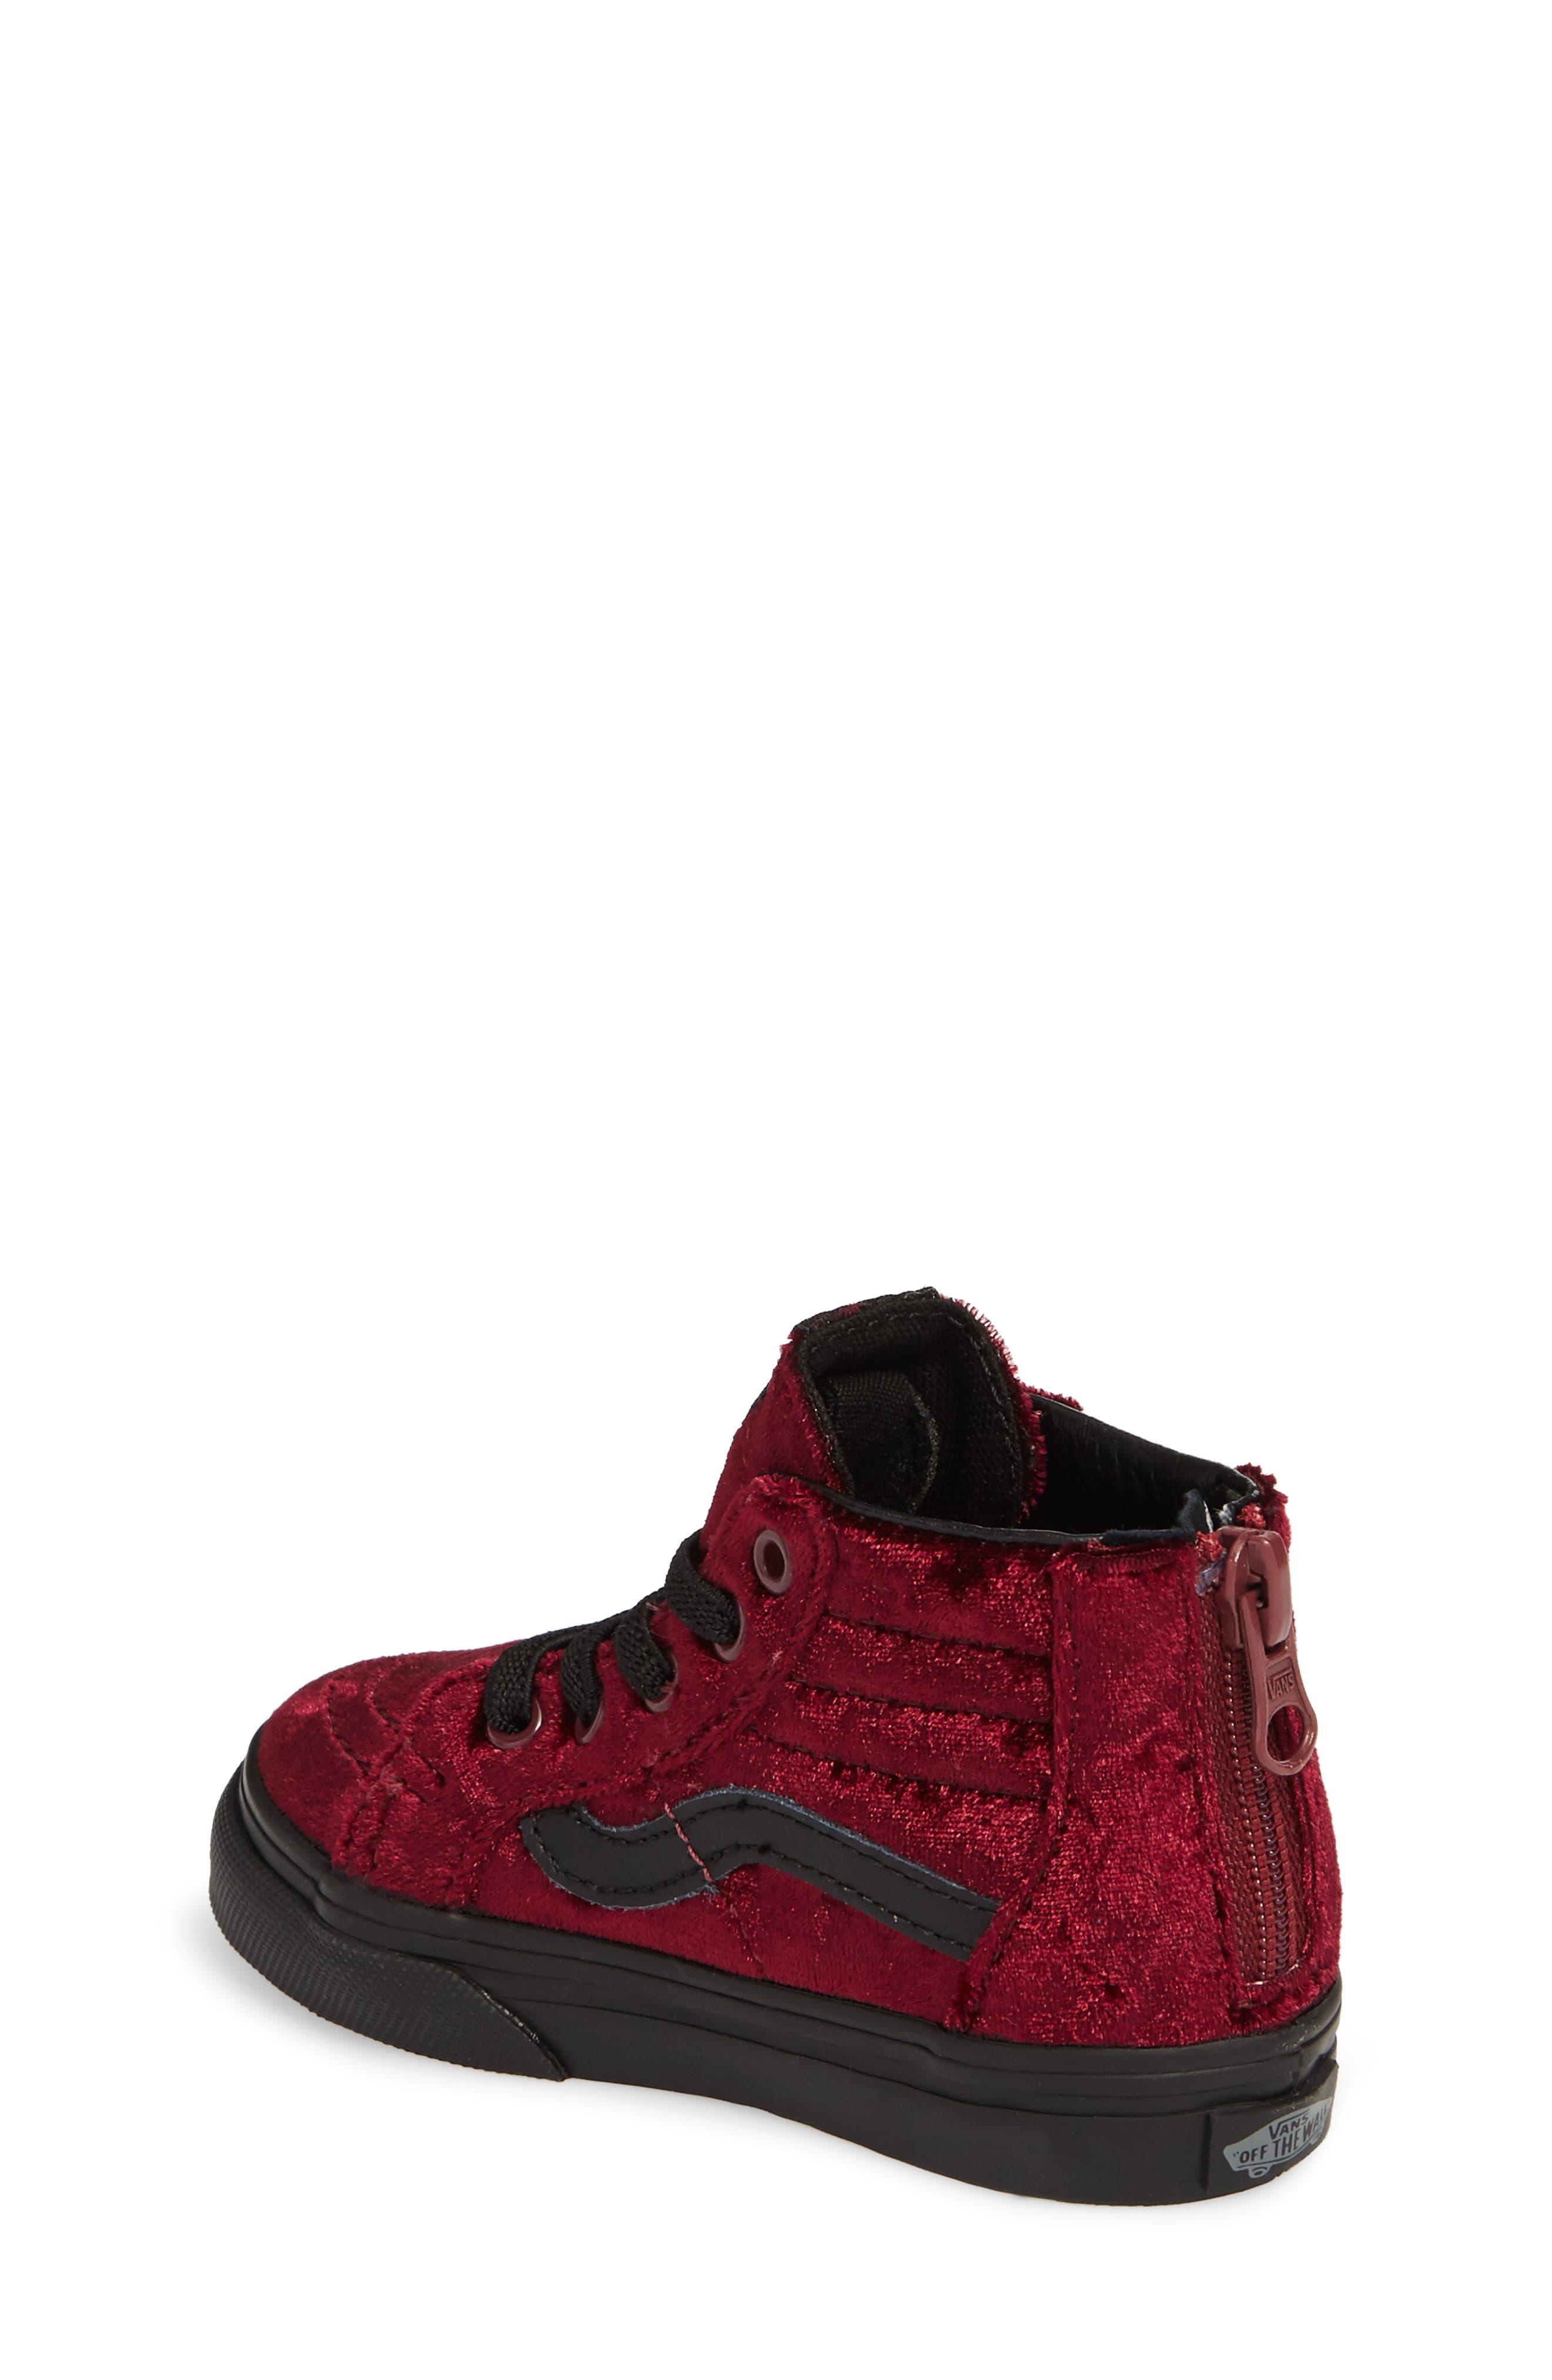 SK8-Hi Zip Sneaker,                             Alternate thumbnail 5, color,